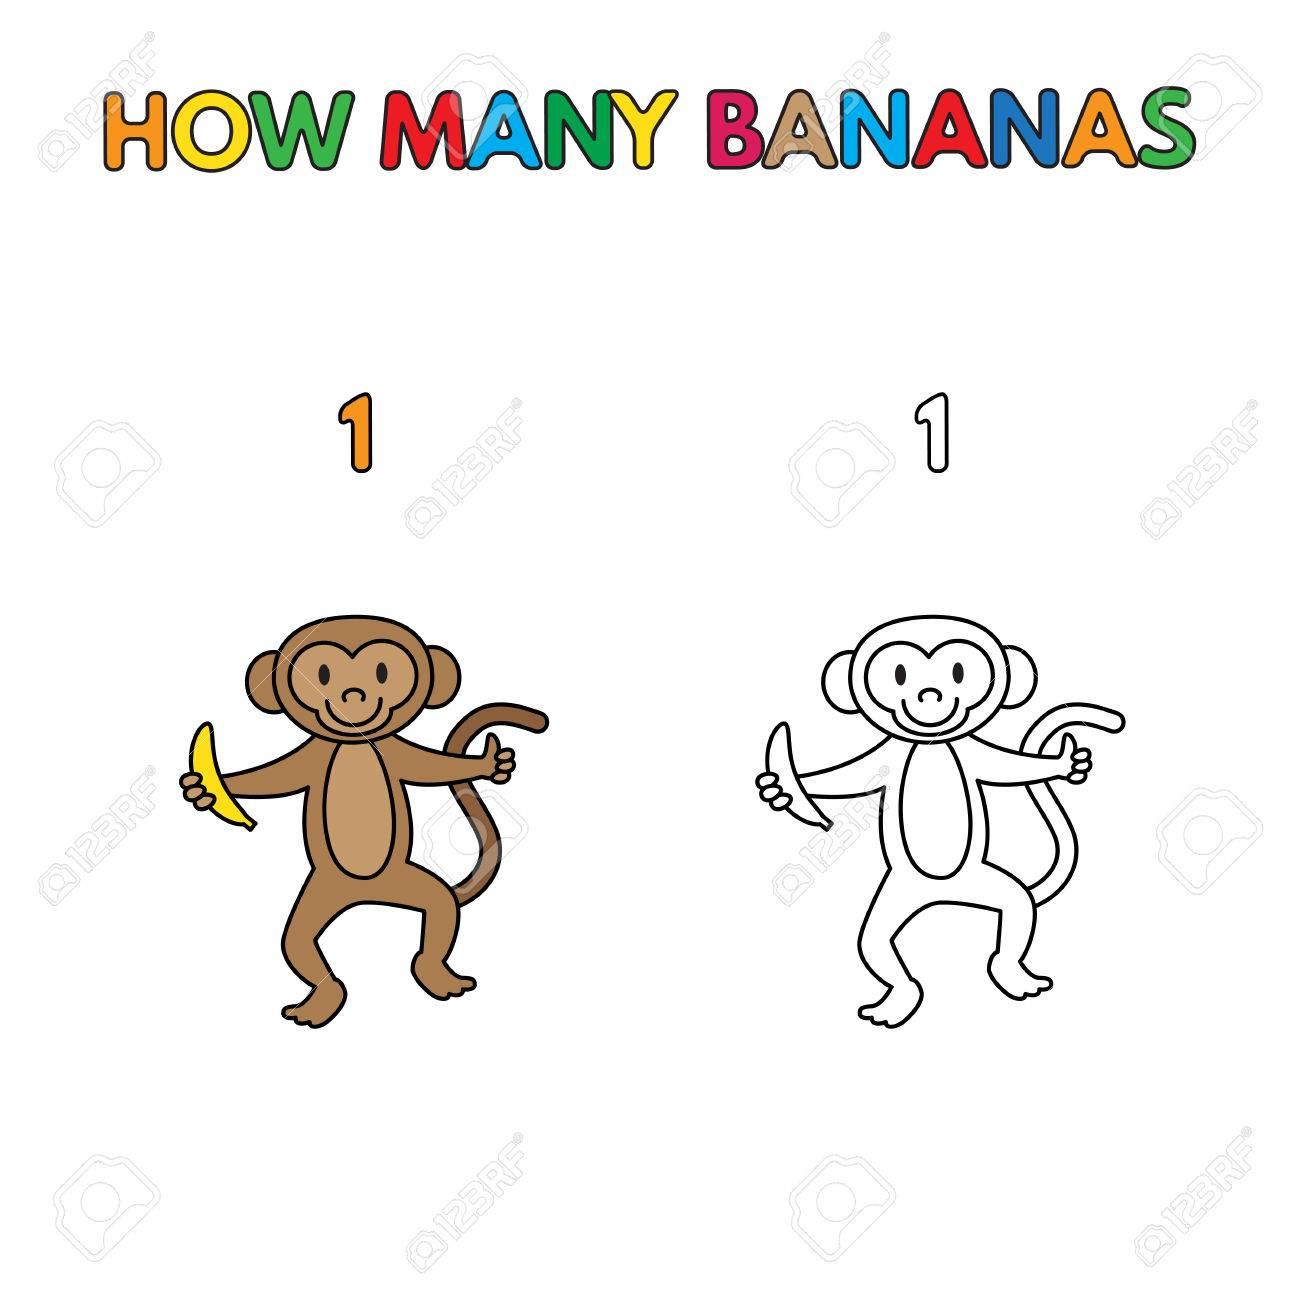 Ausgezeichnet Bananen Malvorlagen Galerie - Beispiel Wiederaufnahme ...